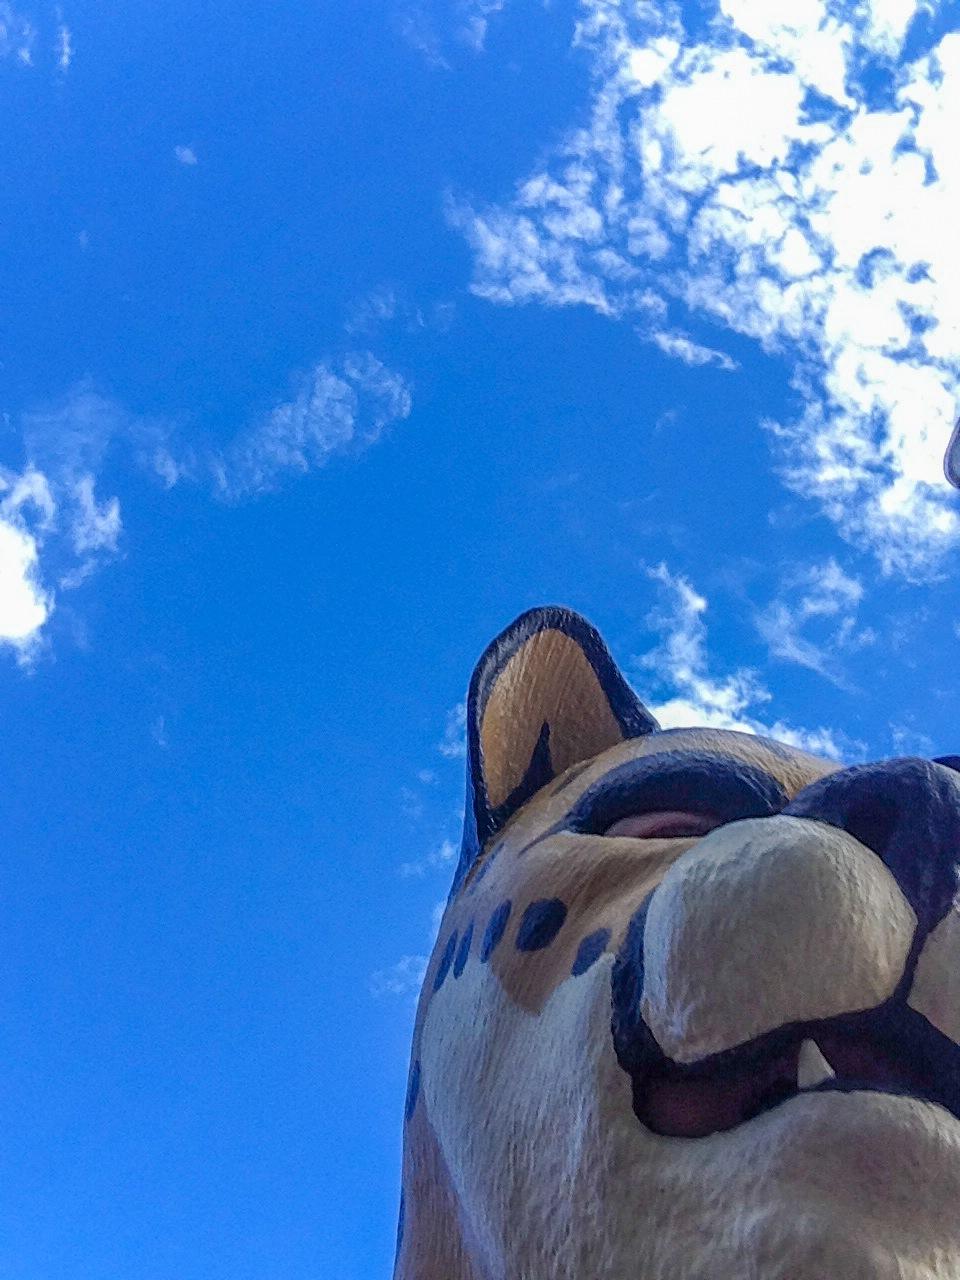 Accidental Selfie